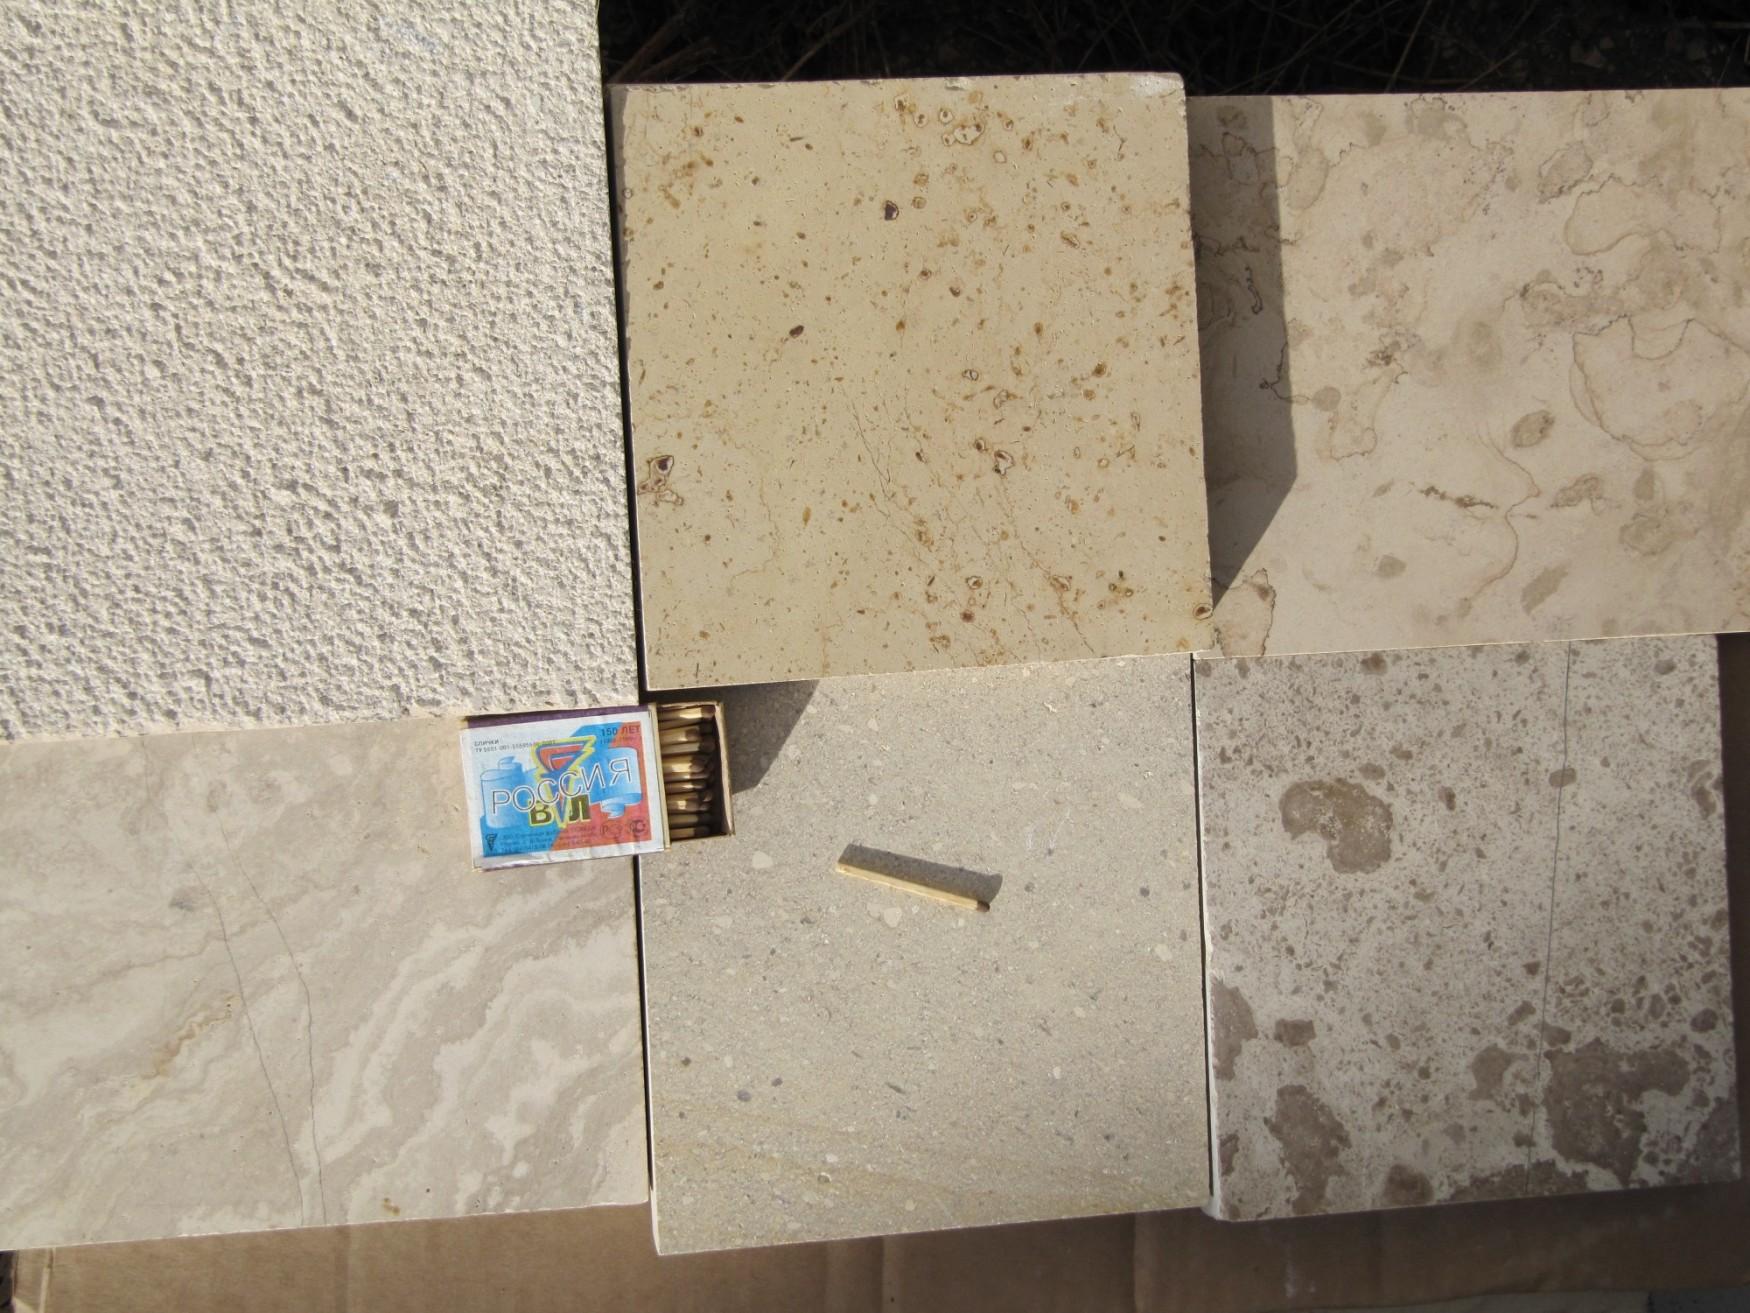 Лощеная плитка для внутренней и внешней облицовки зданий. Отделочная плитка